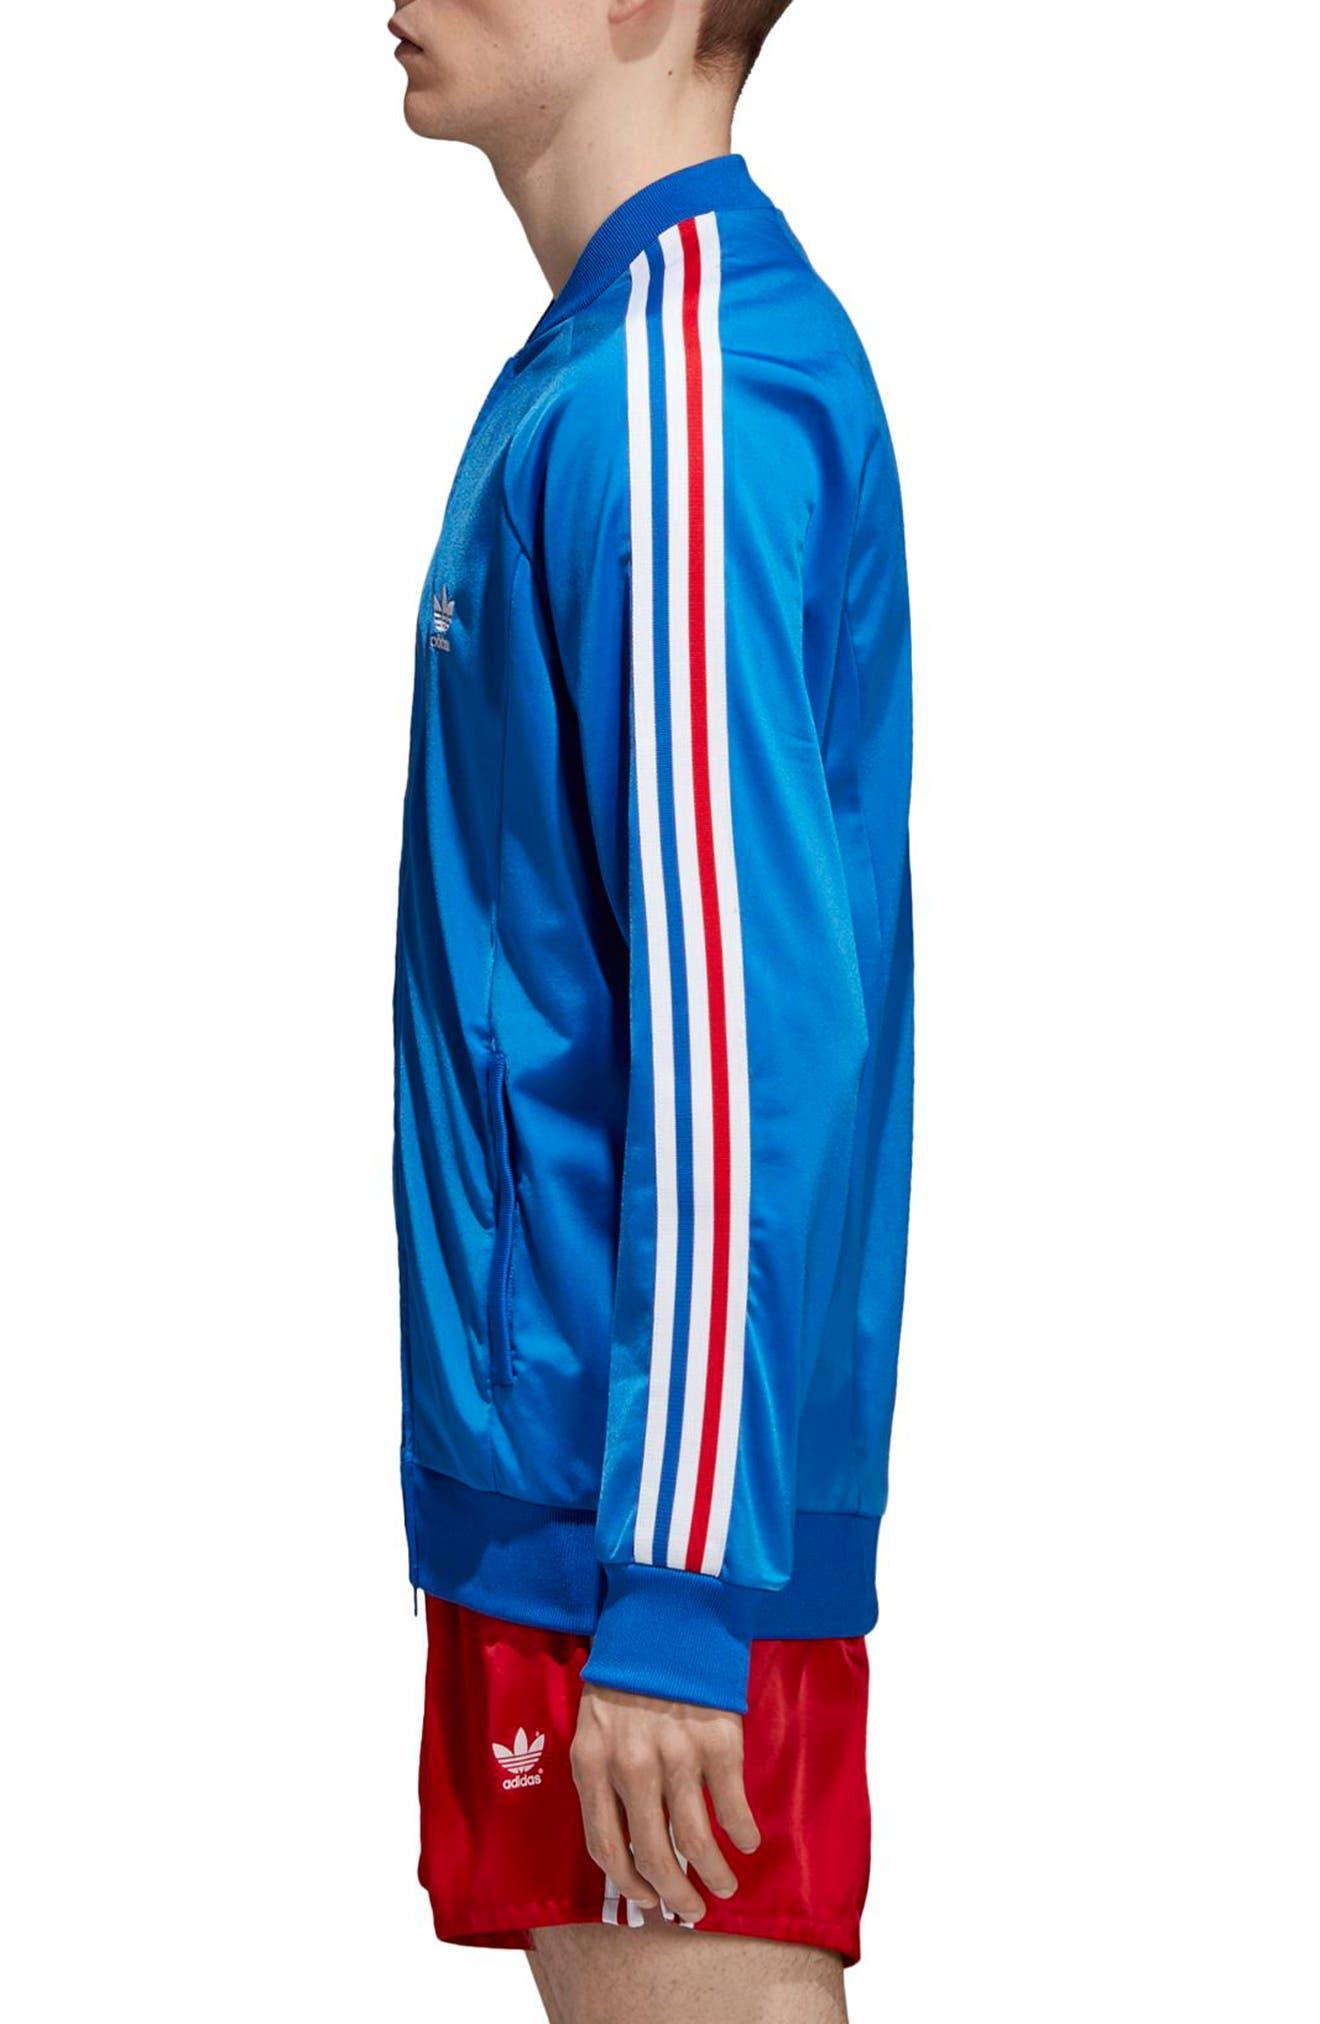 SST Track Jacket,                             Alternate thumbnail 3, color,                             Blue